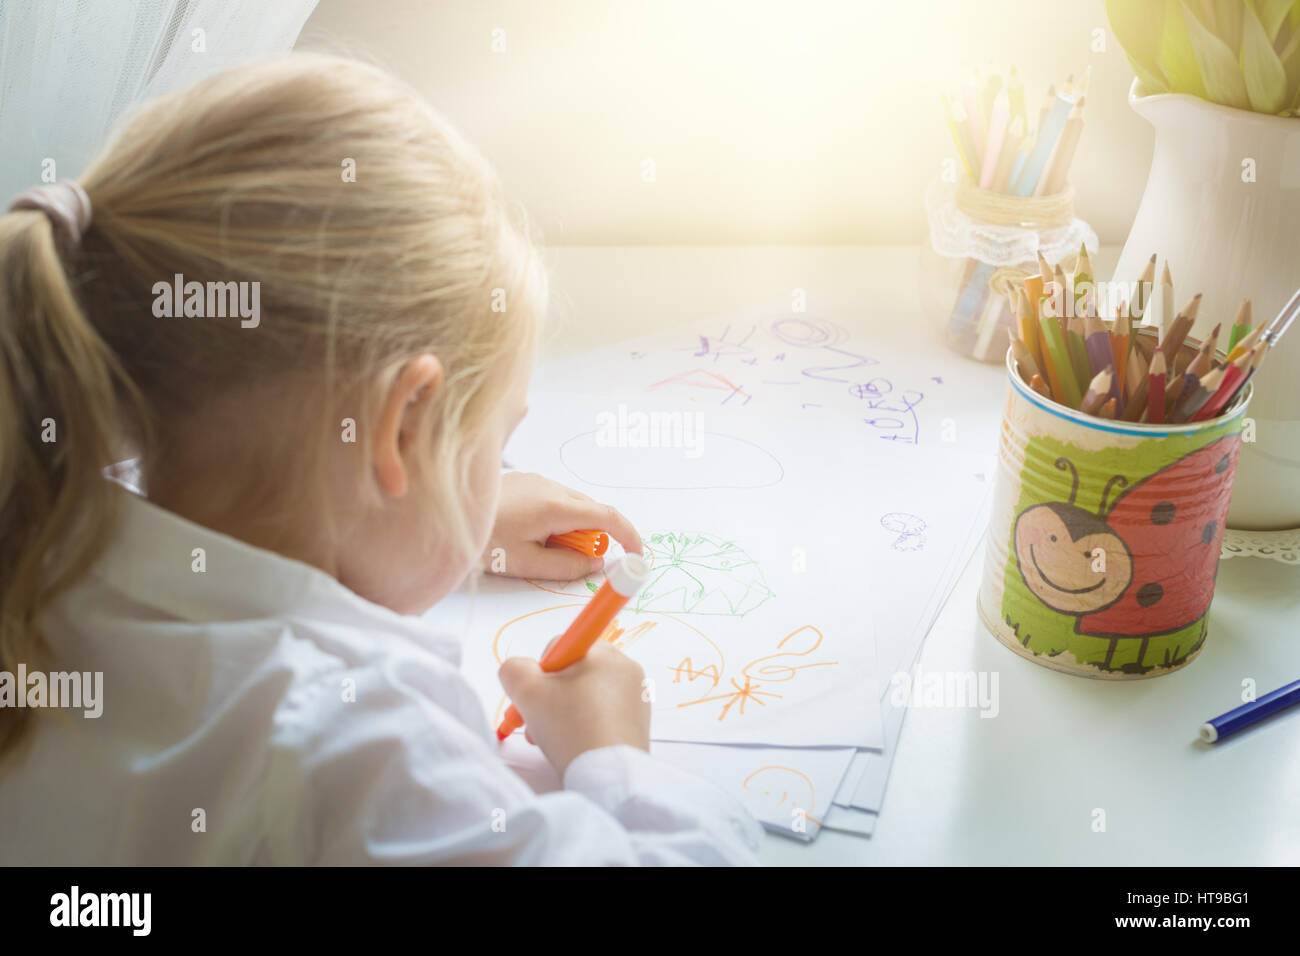 Concepto creativo dibujo niña. Imagen De Stock